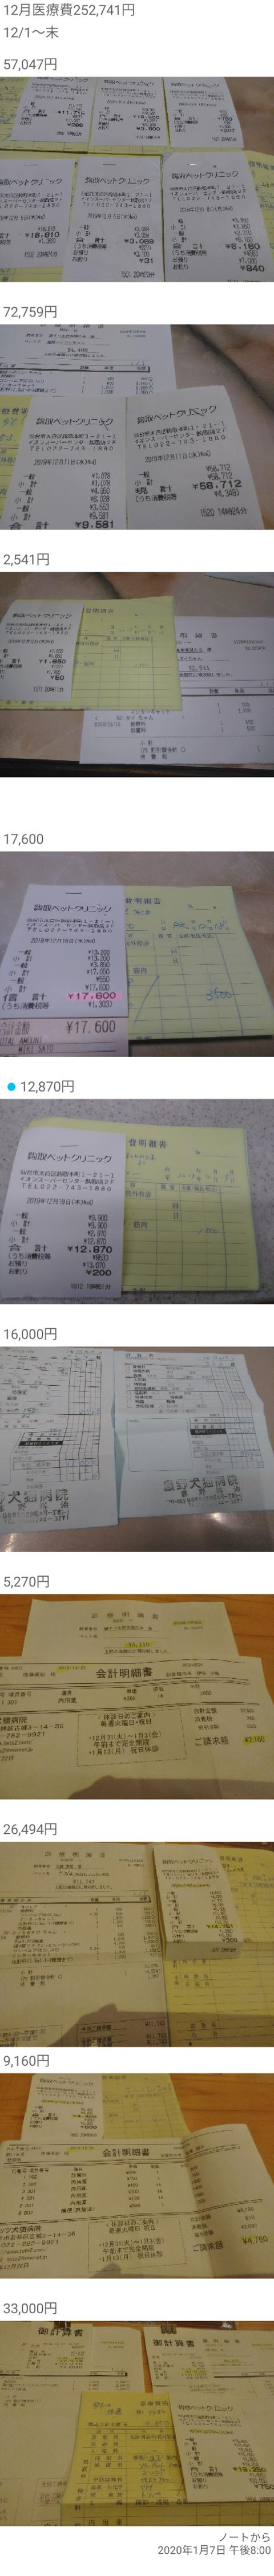 ノート_20200107_200027